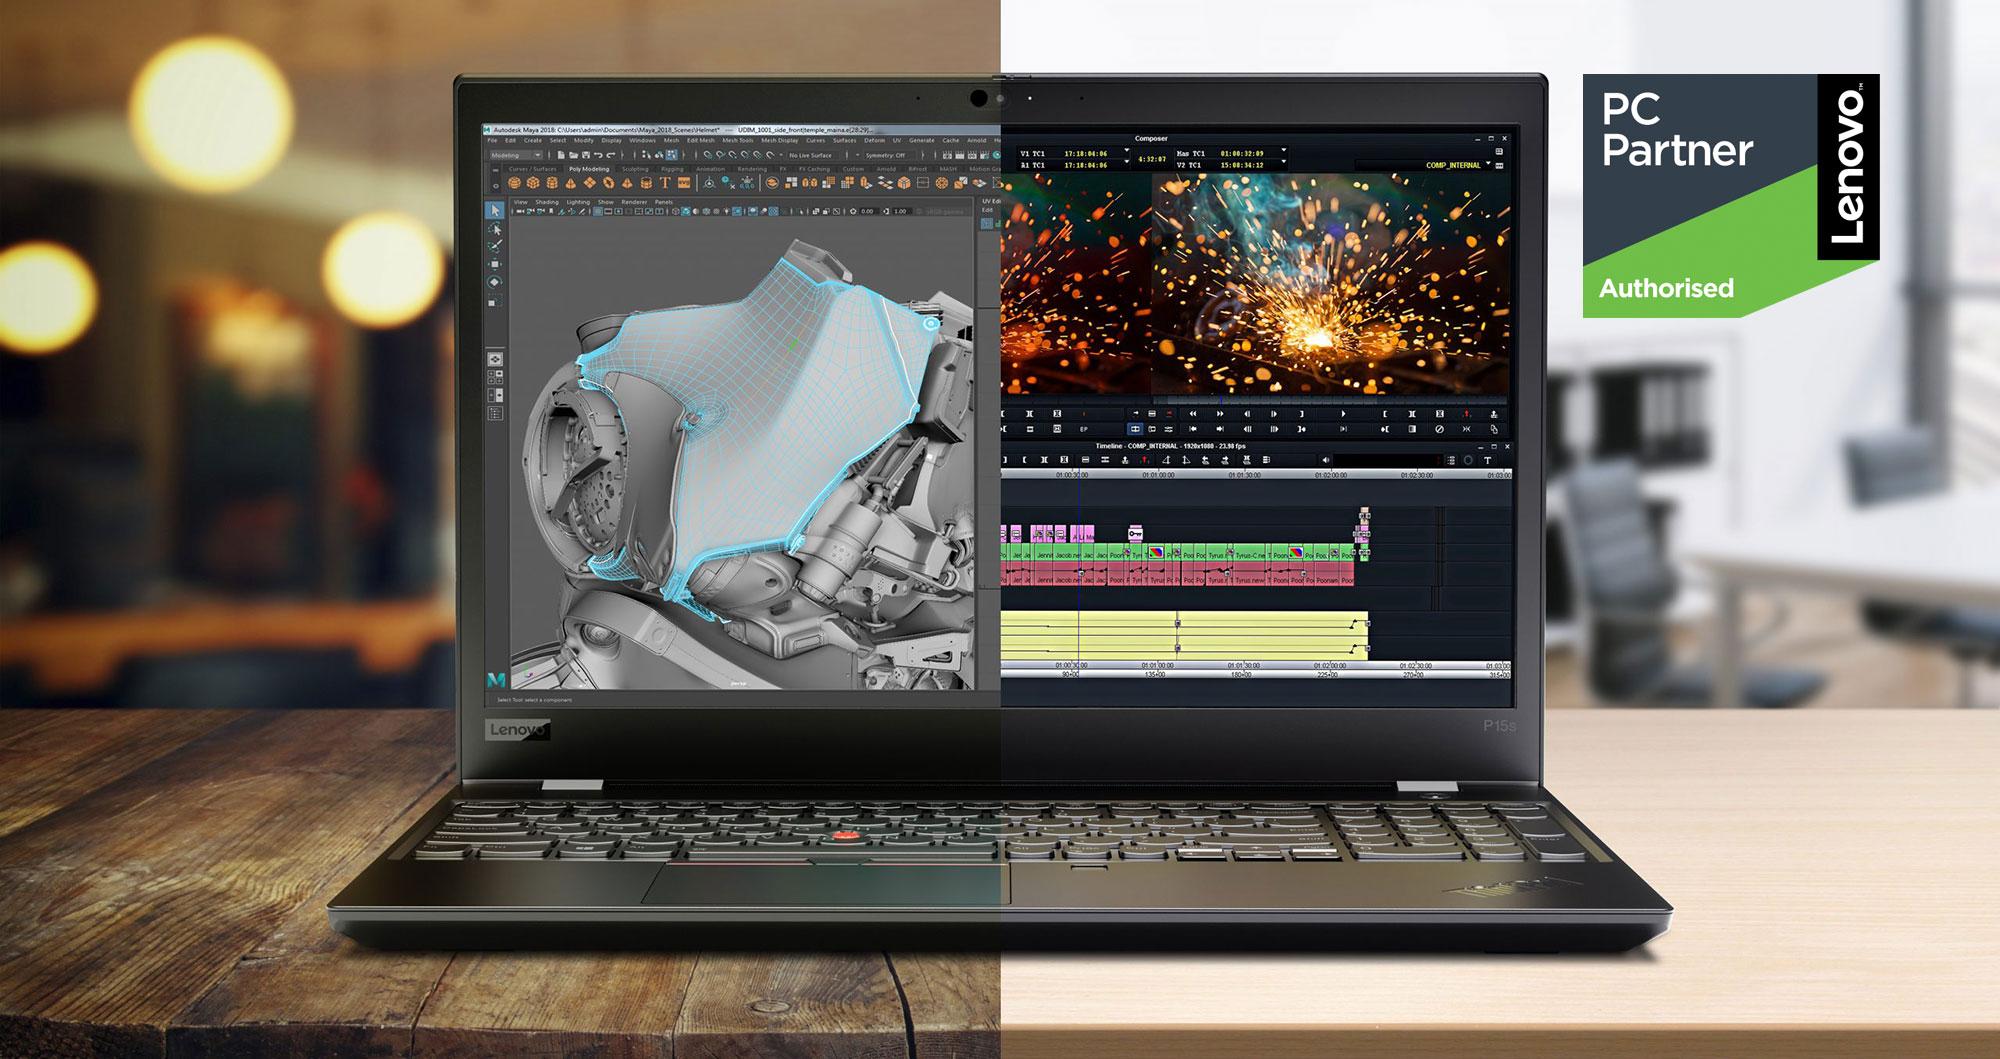 Lenovo ThinkPad 15s